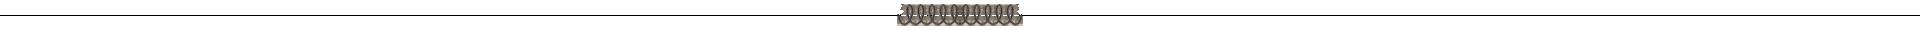 Curvados de tubos y perfiles metálicos